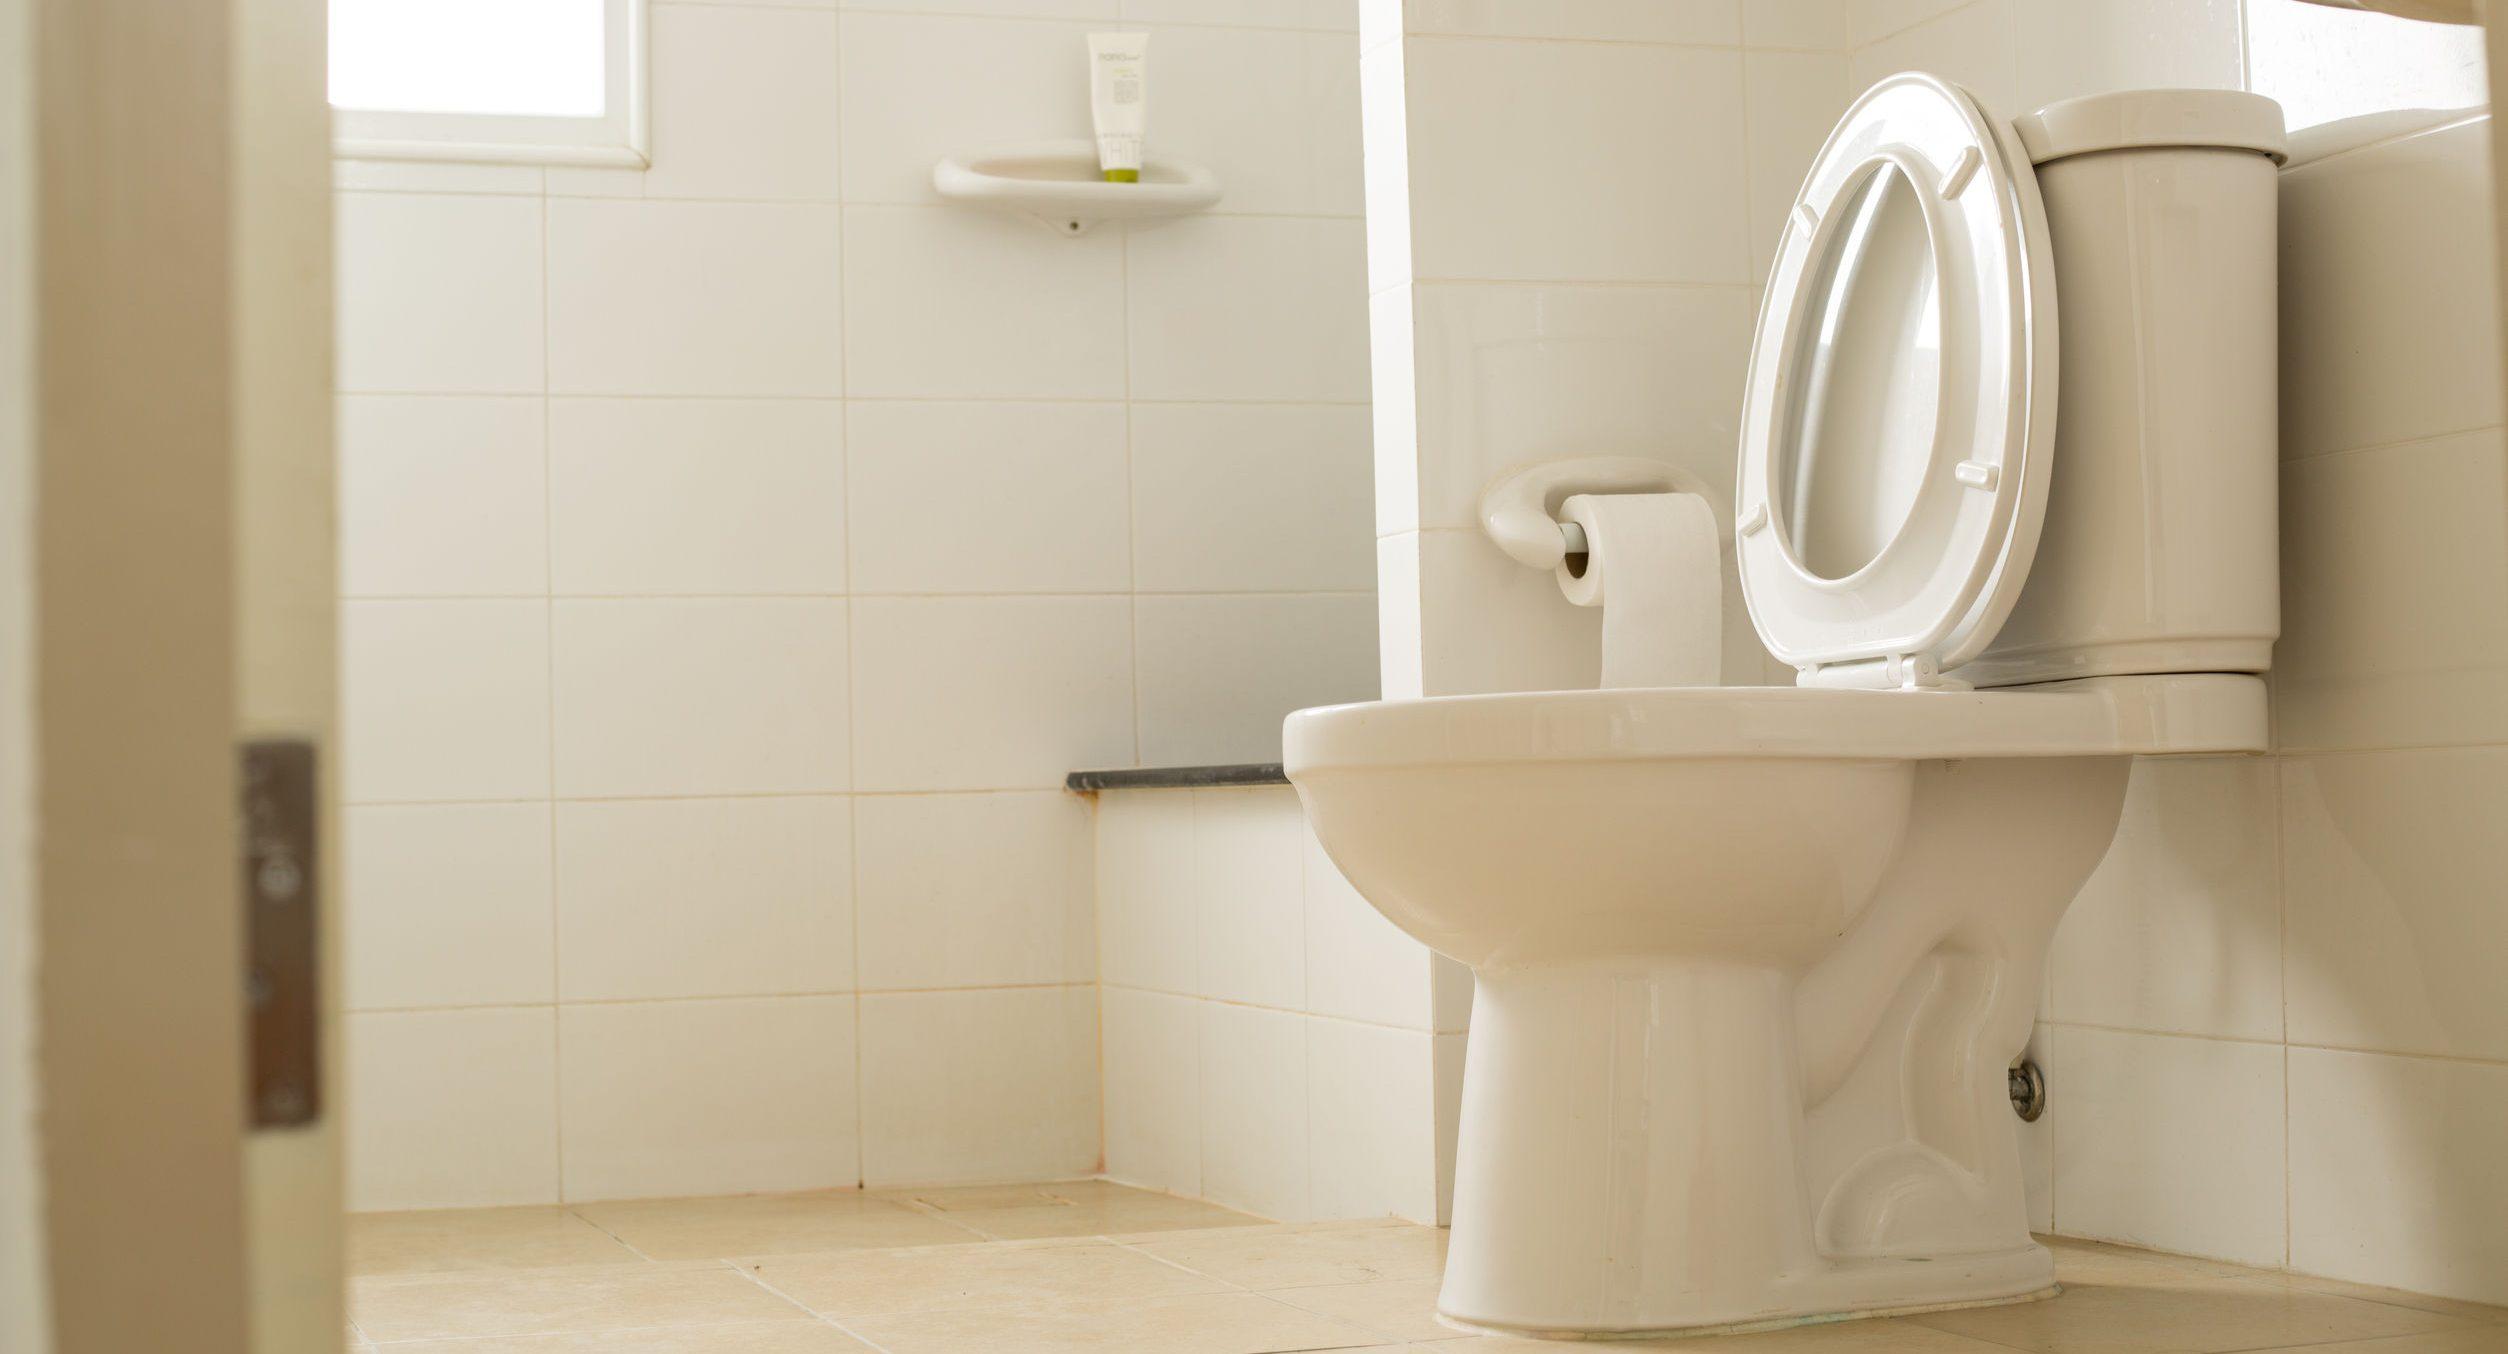 Toilette blanche dans la salle-de-bain